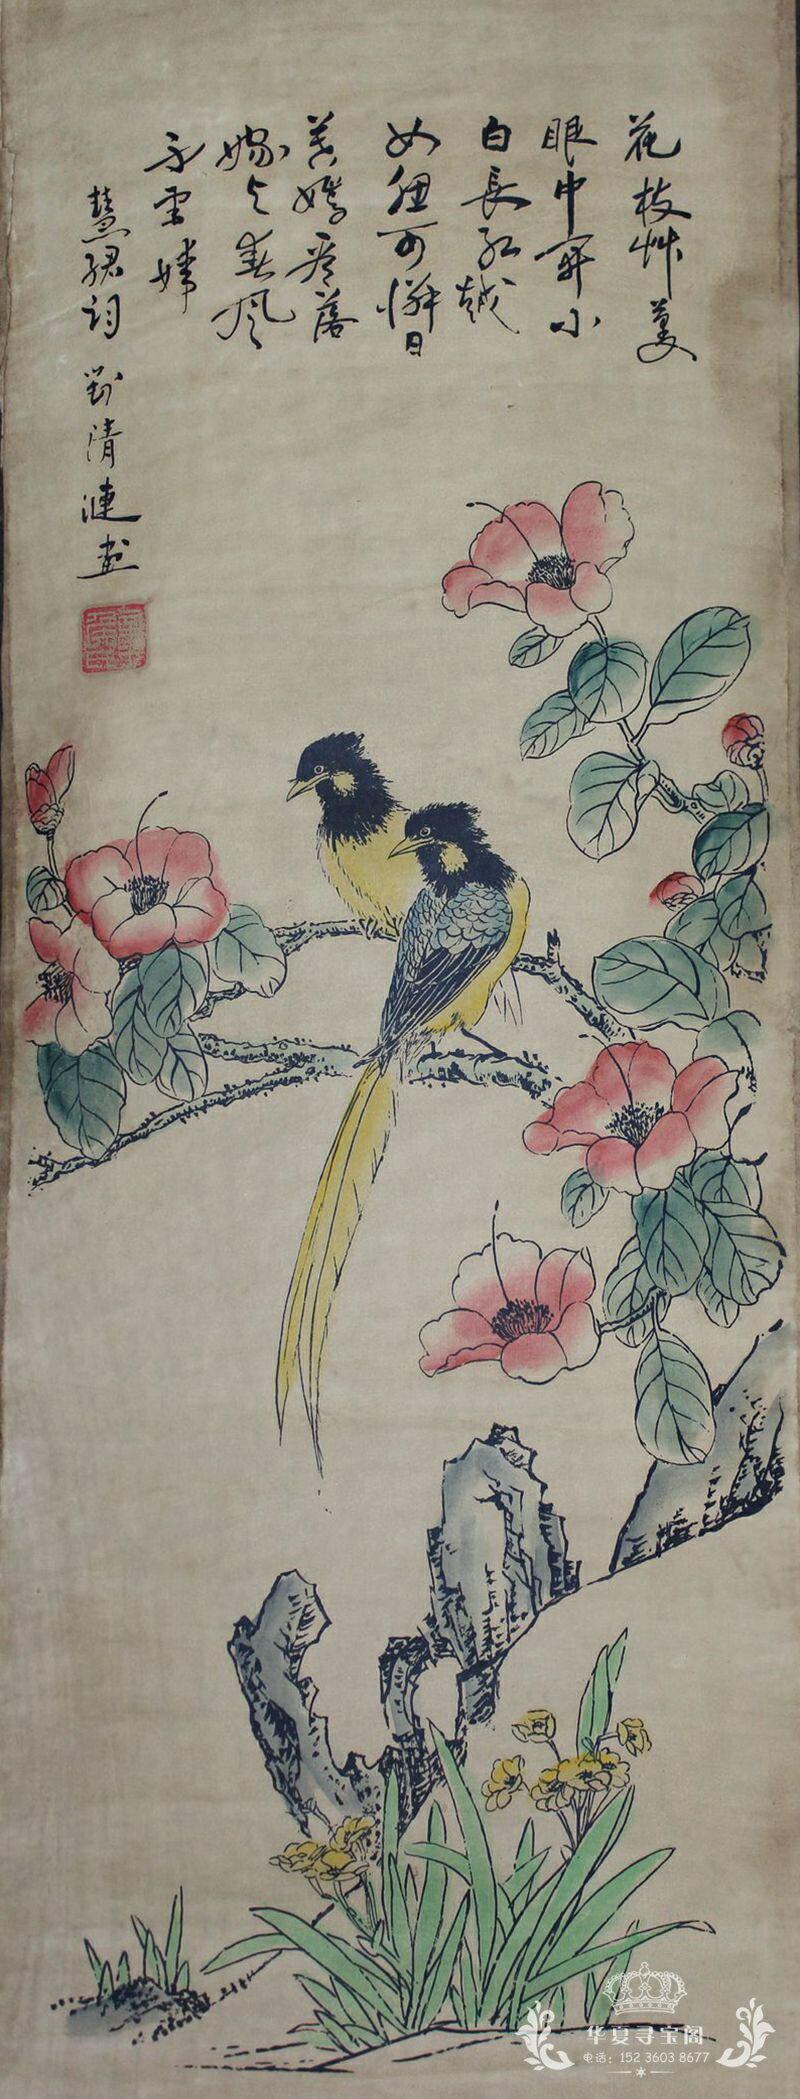 收藏仿古字畫國畫山水畫中堂畫辦公室裝飾畫已裝裱四條屏花鳥圖